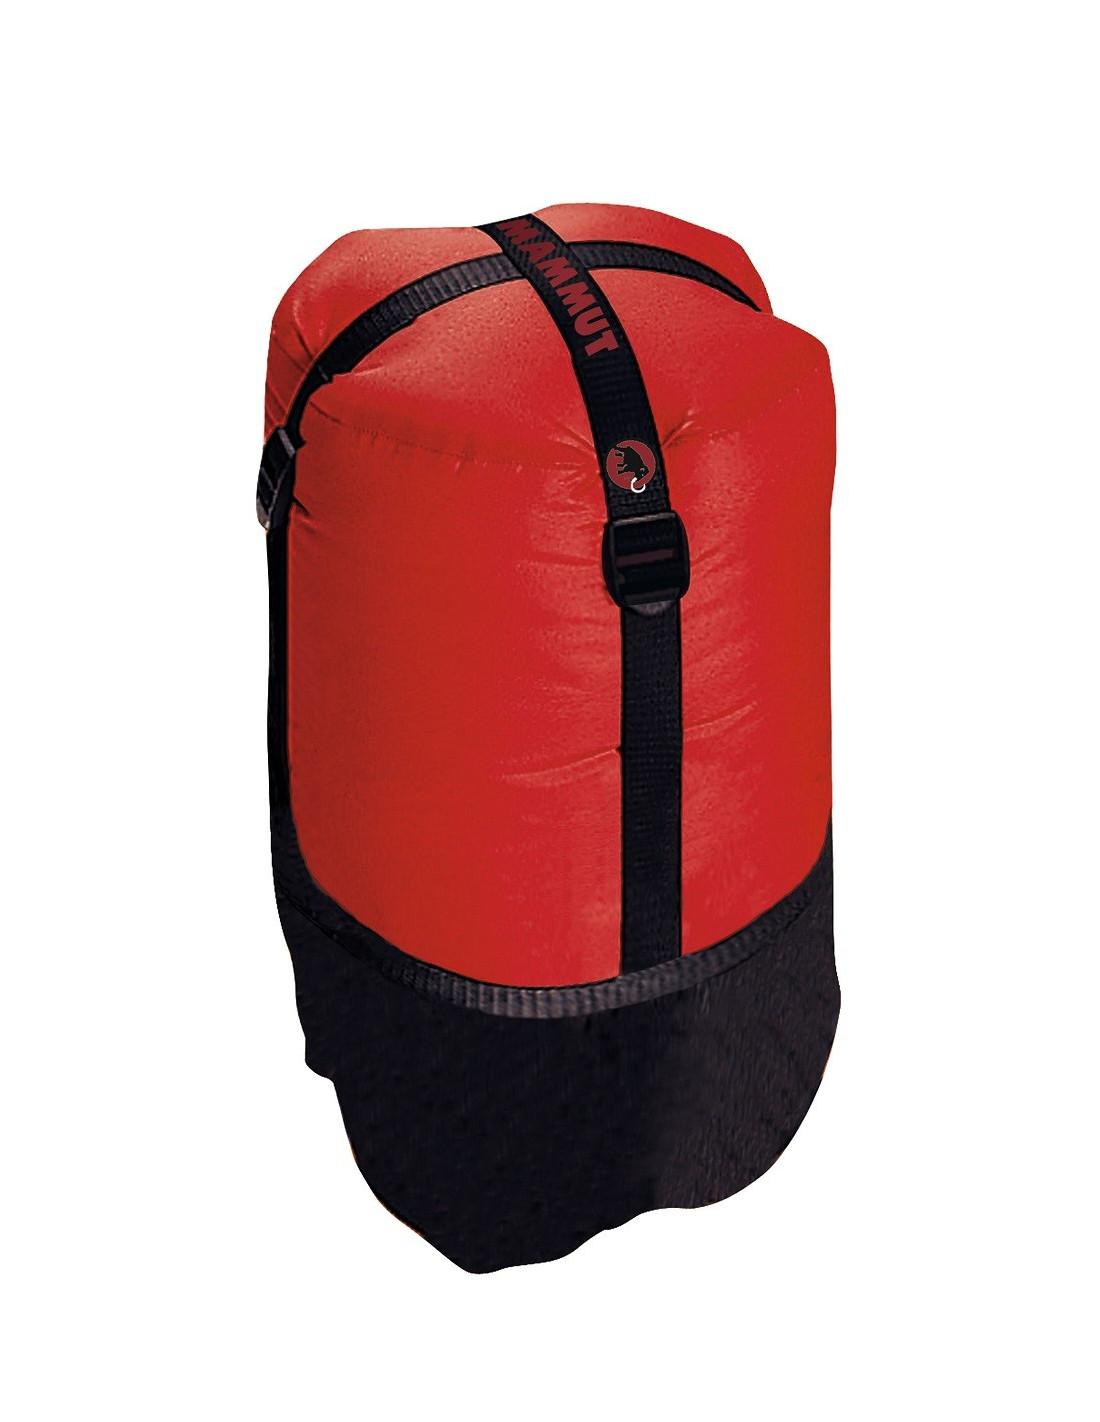 Mammut Packsack Compression Sack - XS Zubehör Schlafsäcke - Packsack,